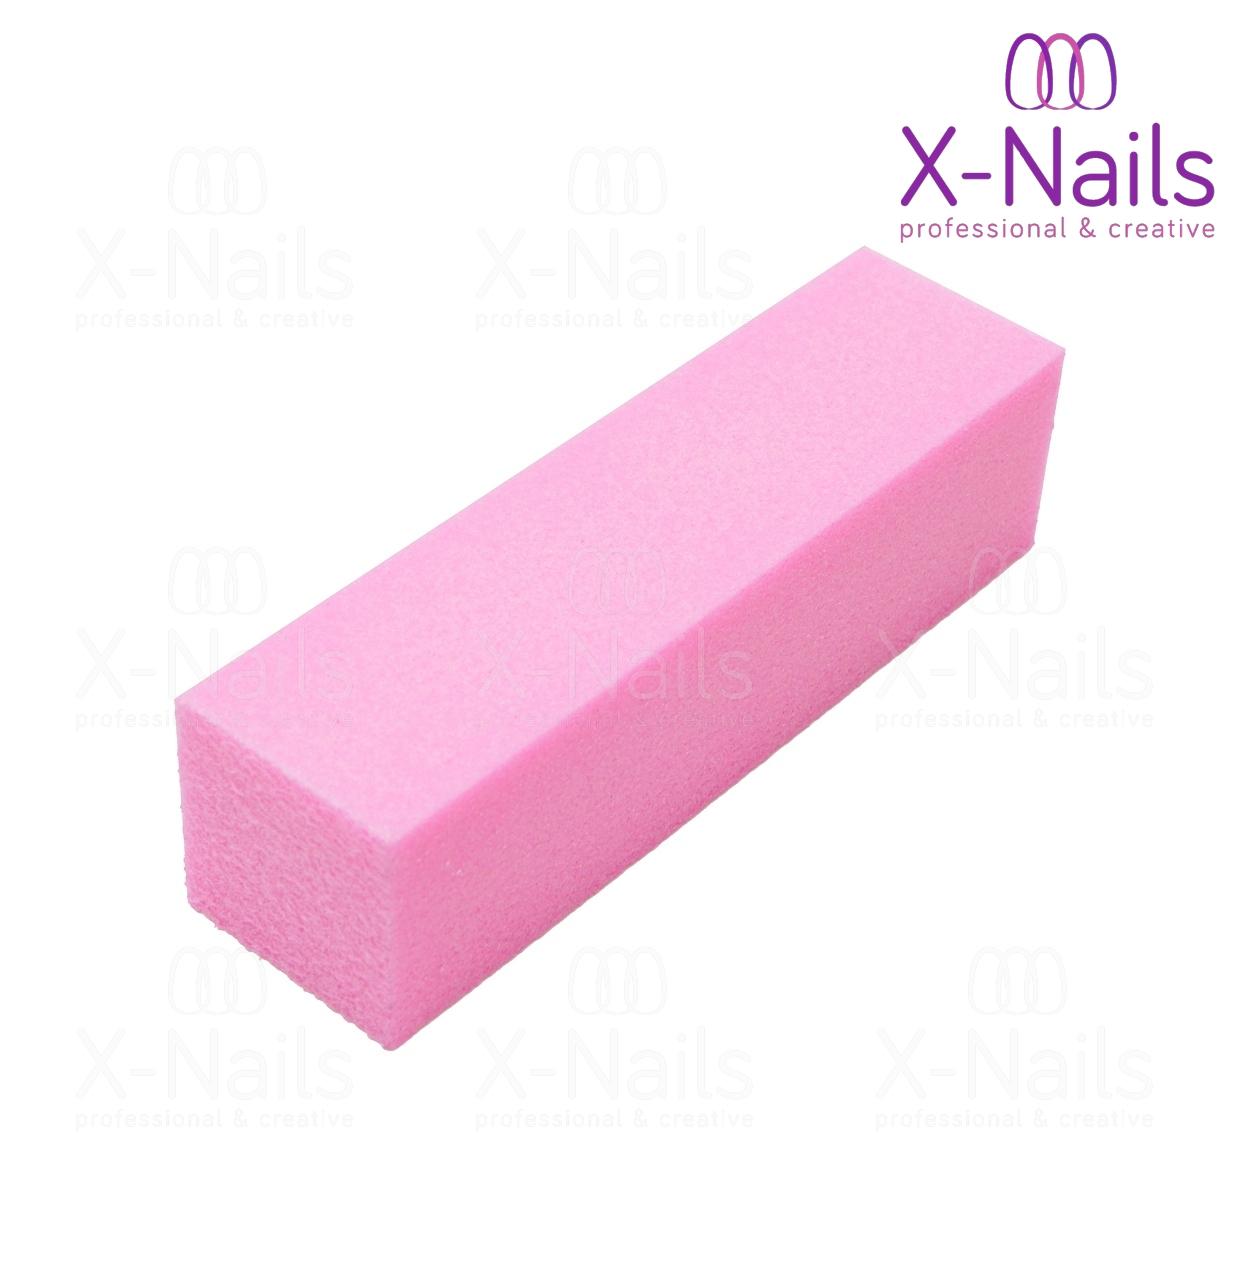 Brusny Blok Na Nehty 100 100 Lestici Blok Na Nehty Ruzovy X Nails